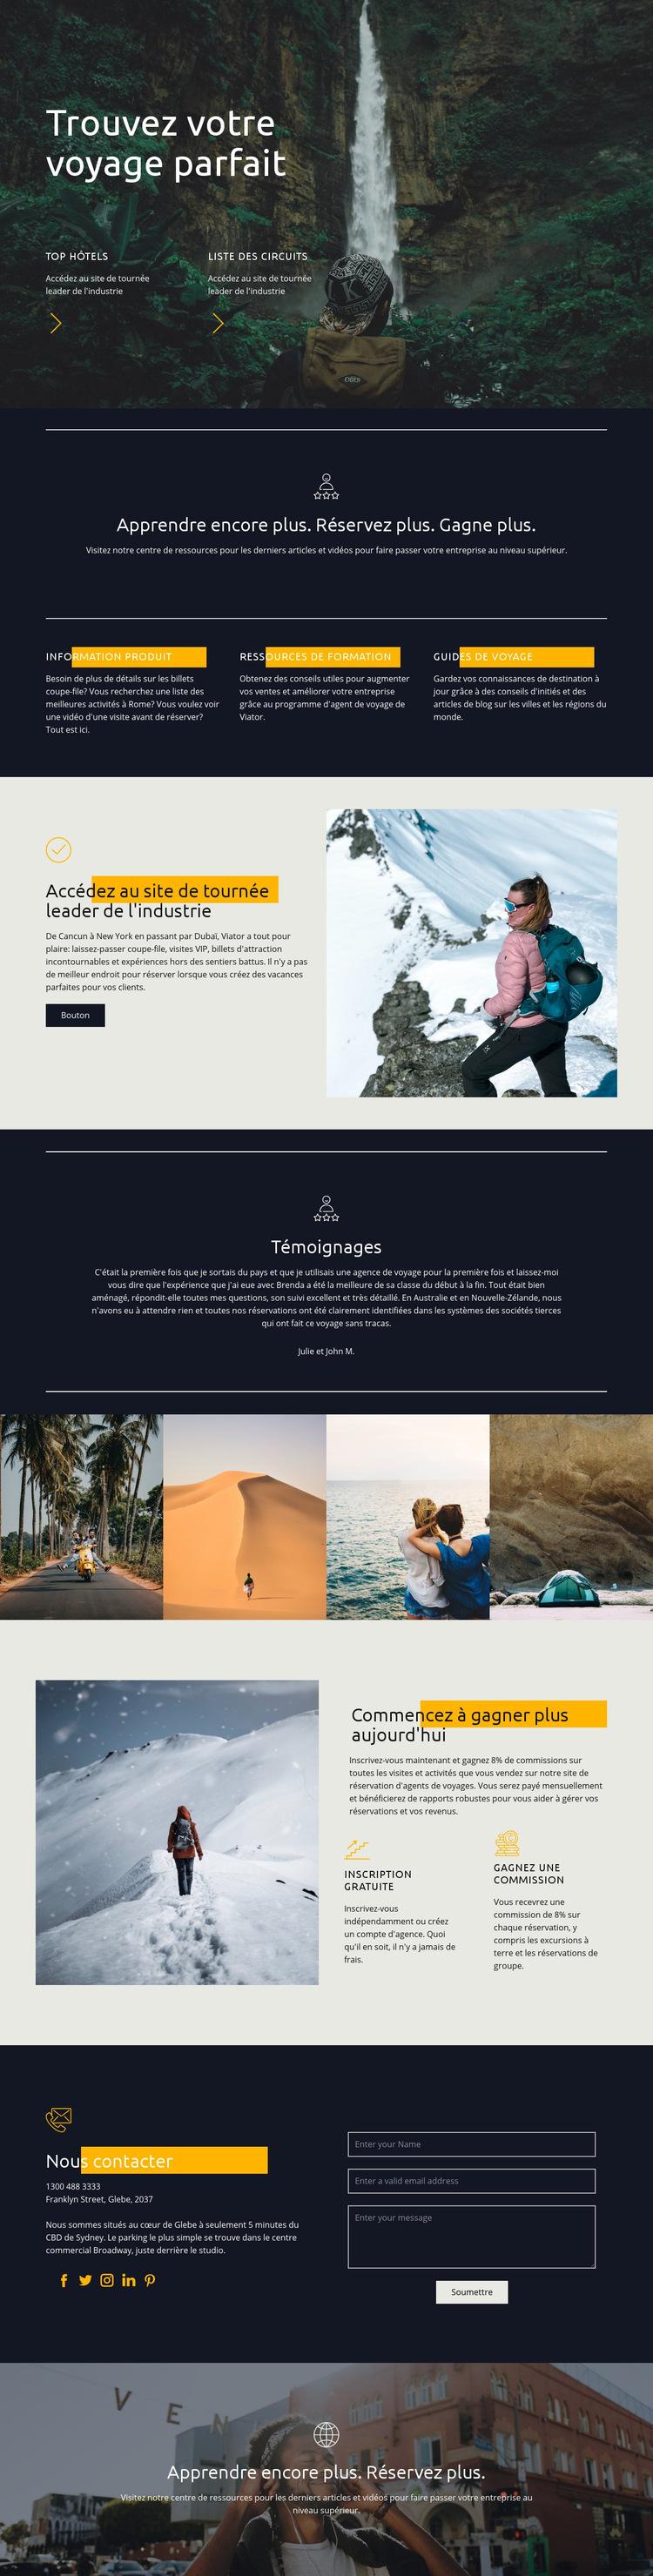 Trouvez votre voyage parfait Modèle de site Web